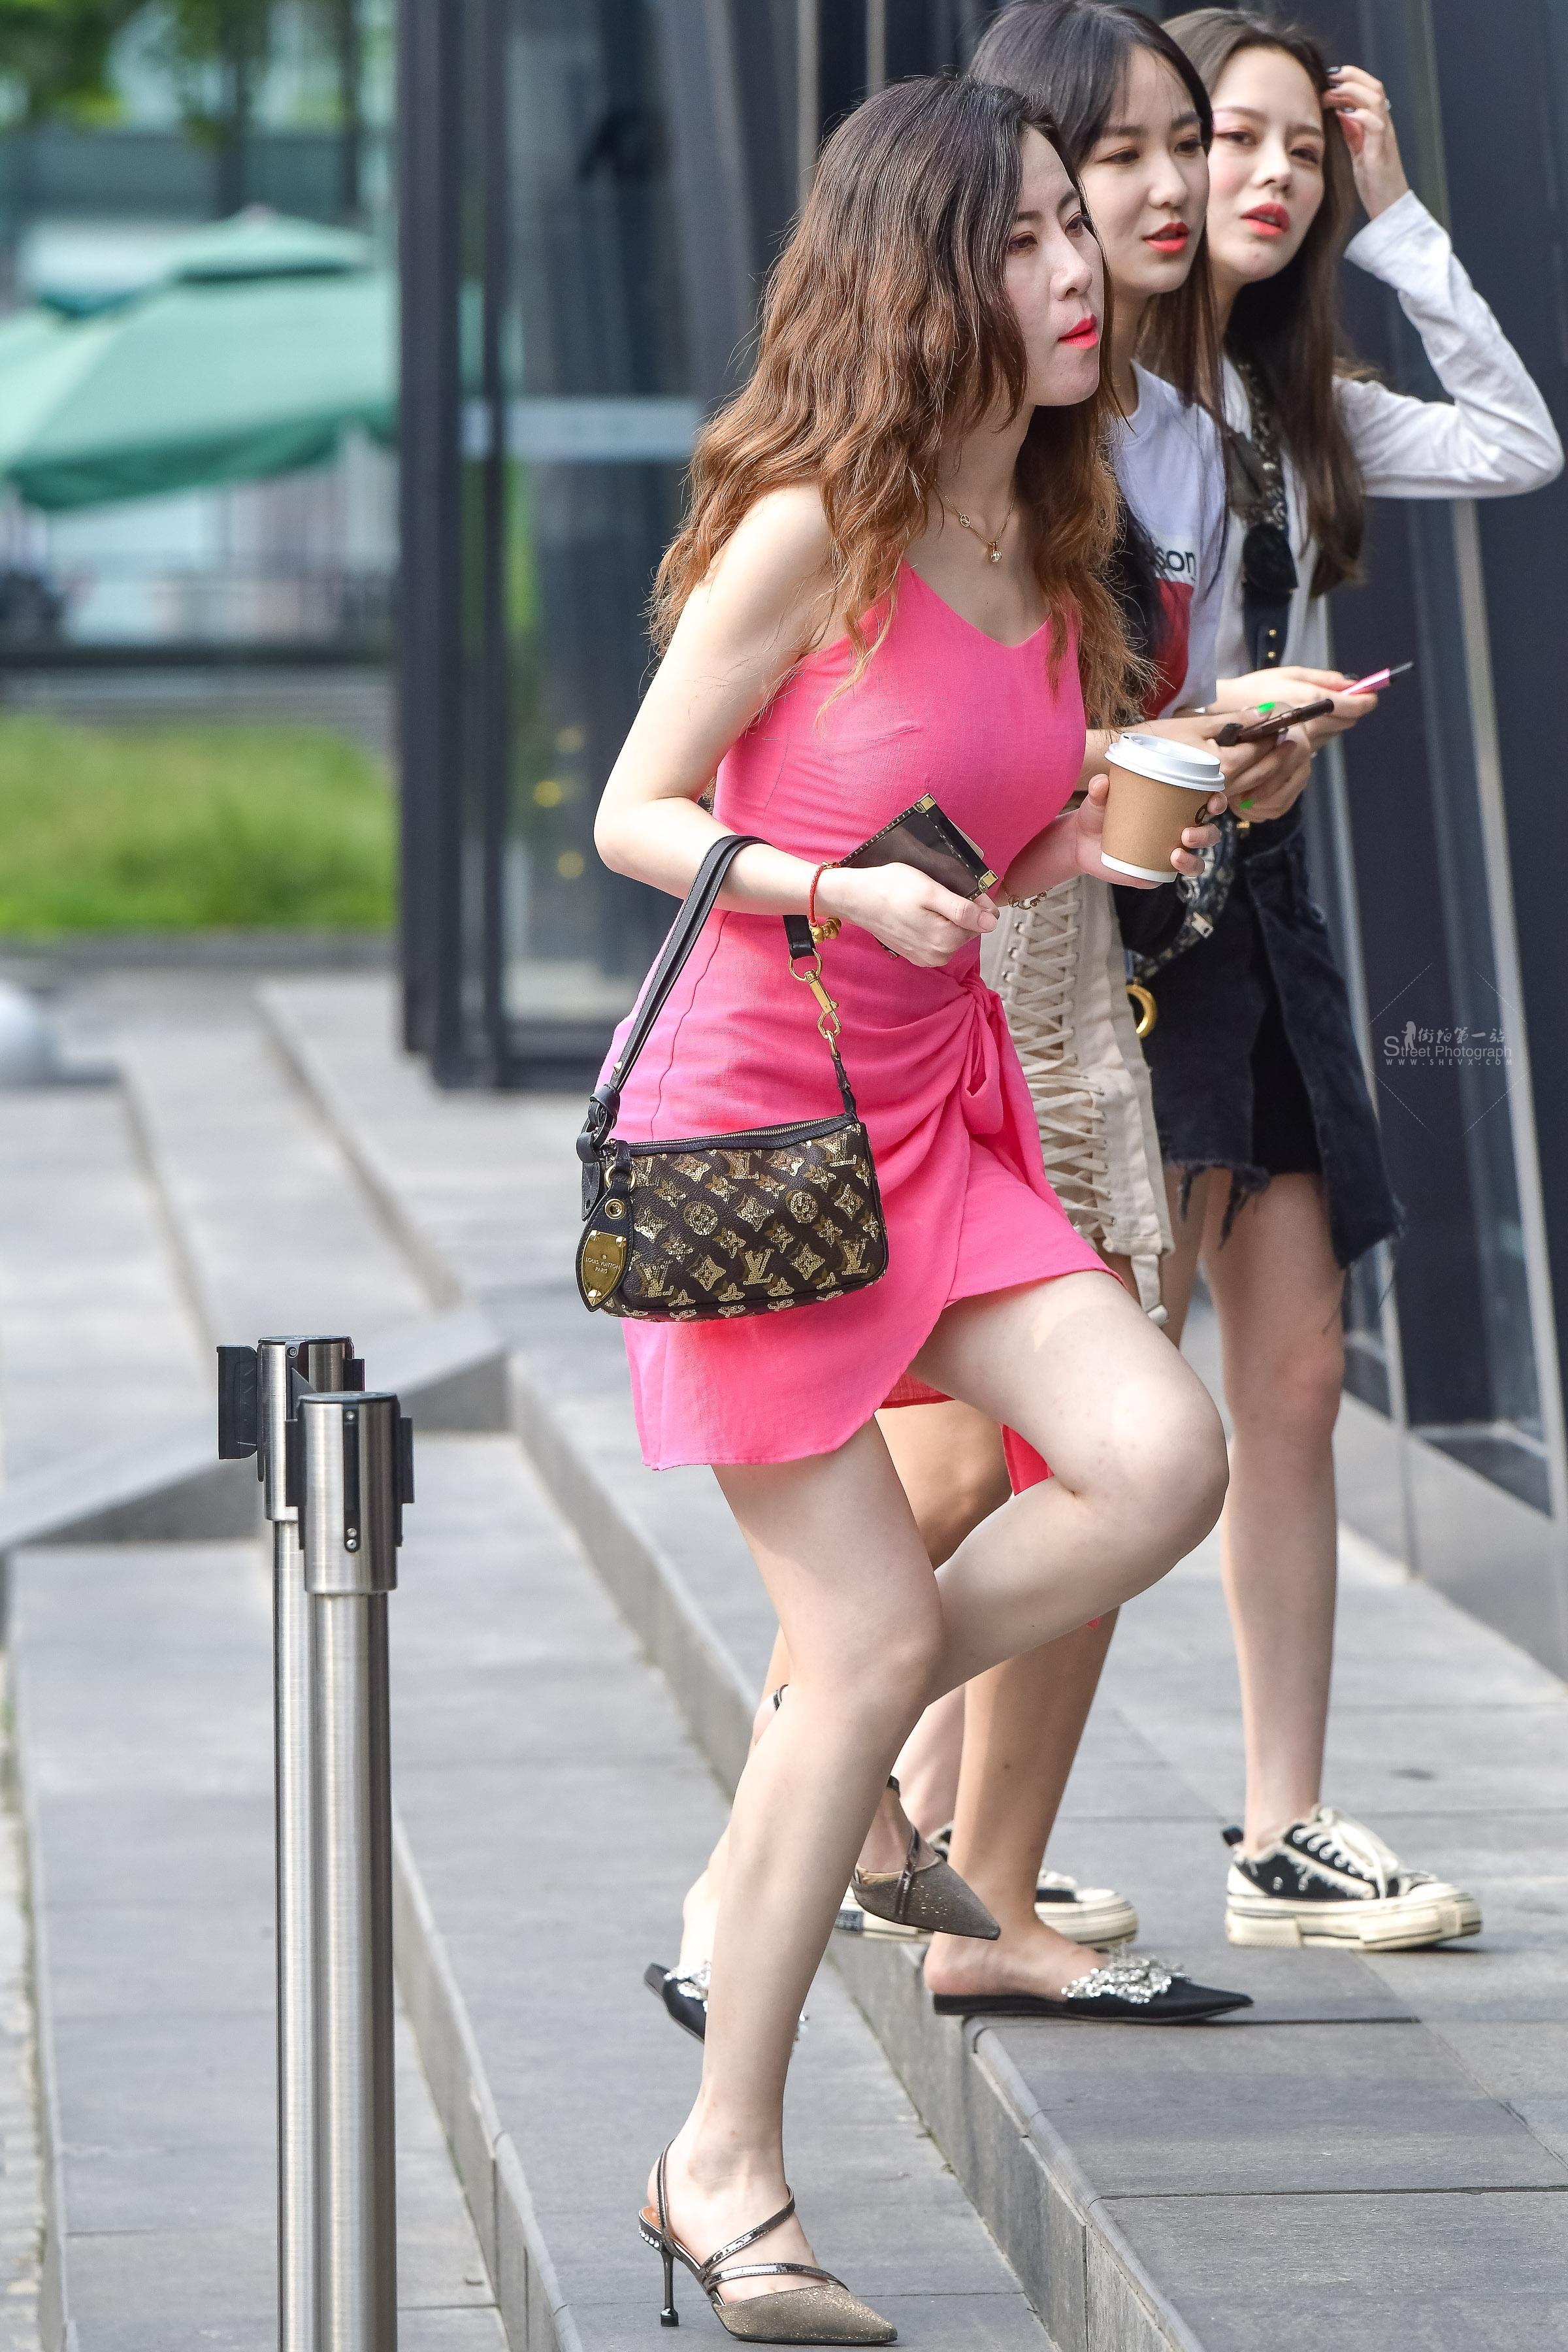 最牛的一张照片和姑娘白白的腿完美的容颜 最新街拍丝袜图片 街拍丝袜第一站